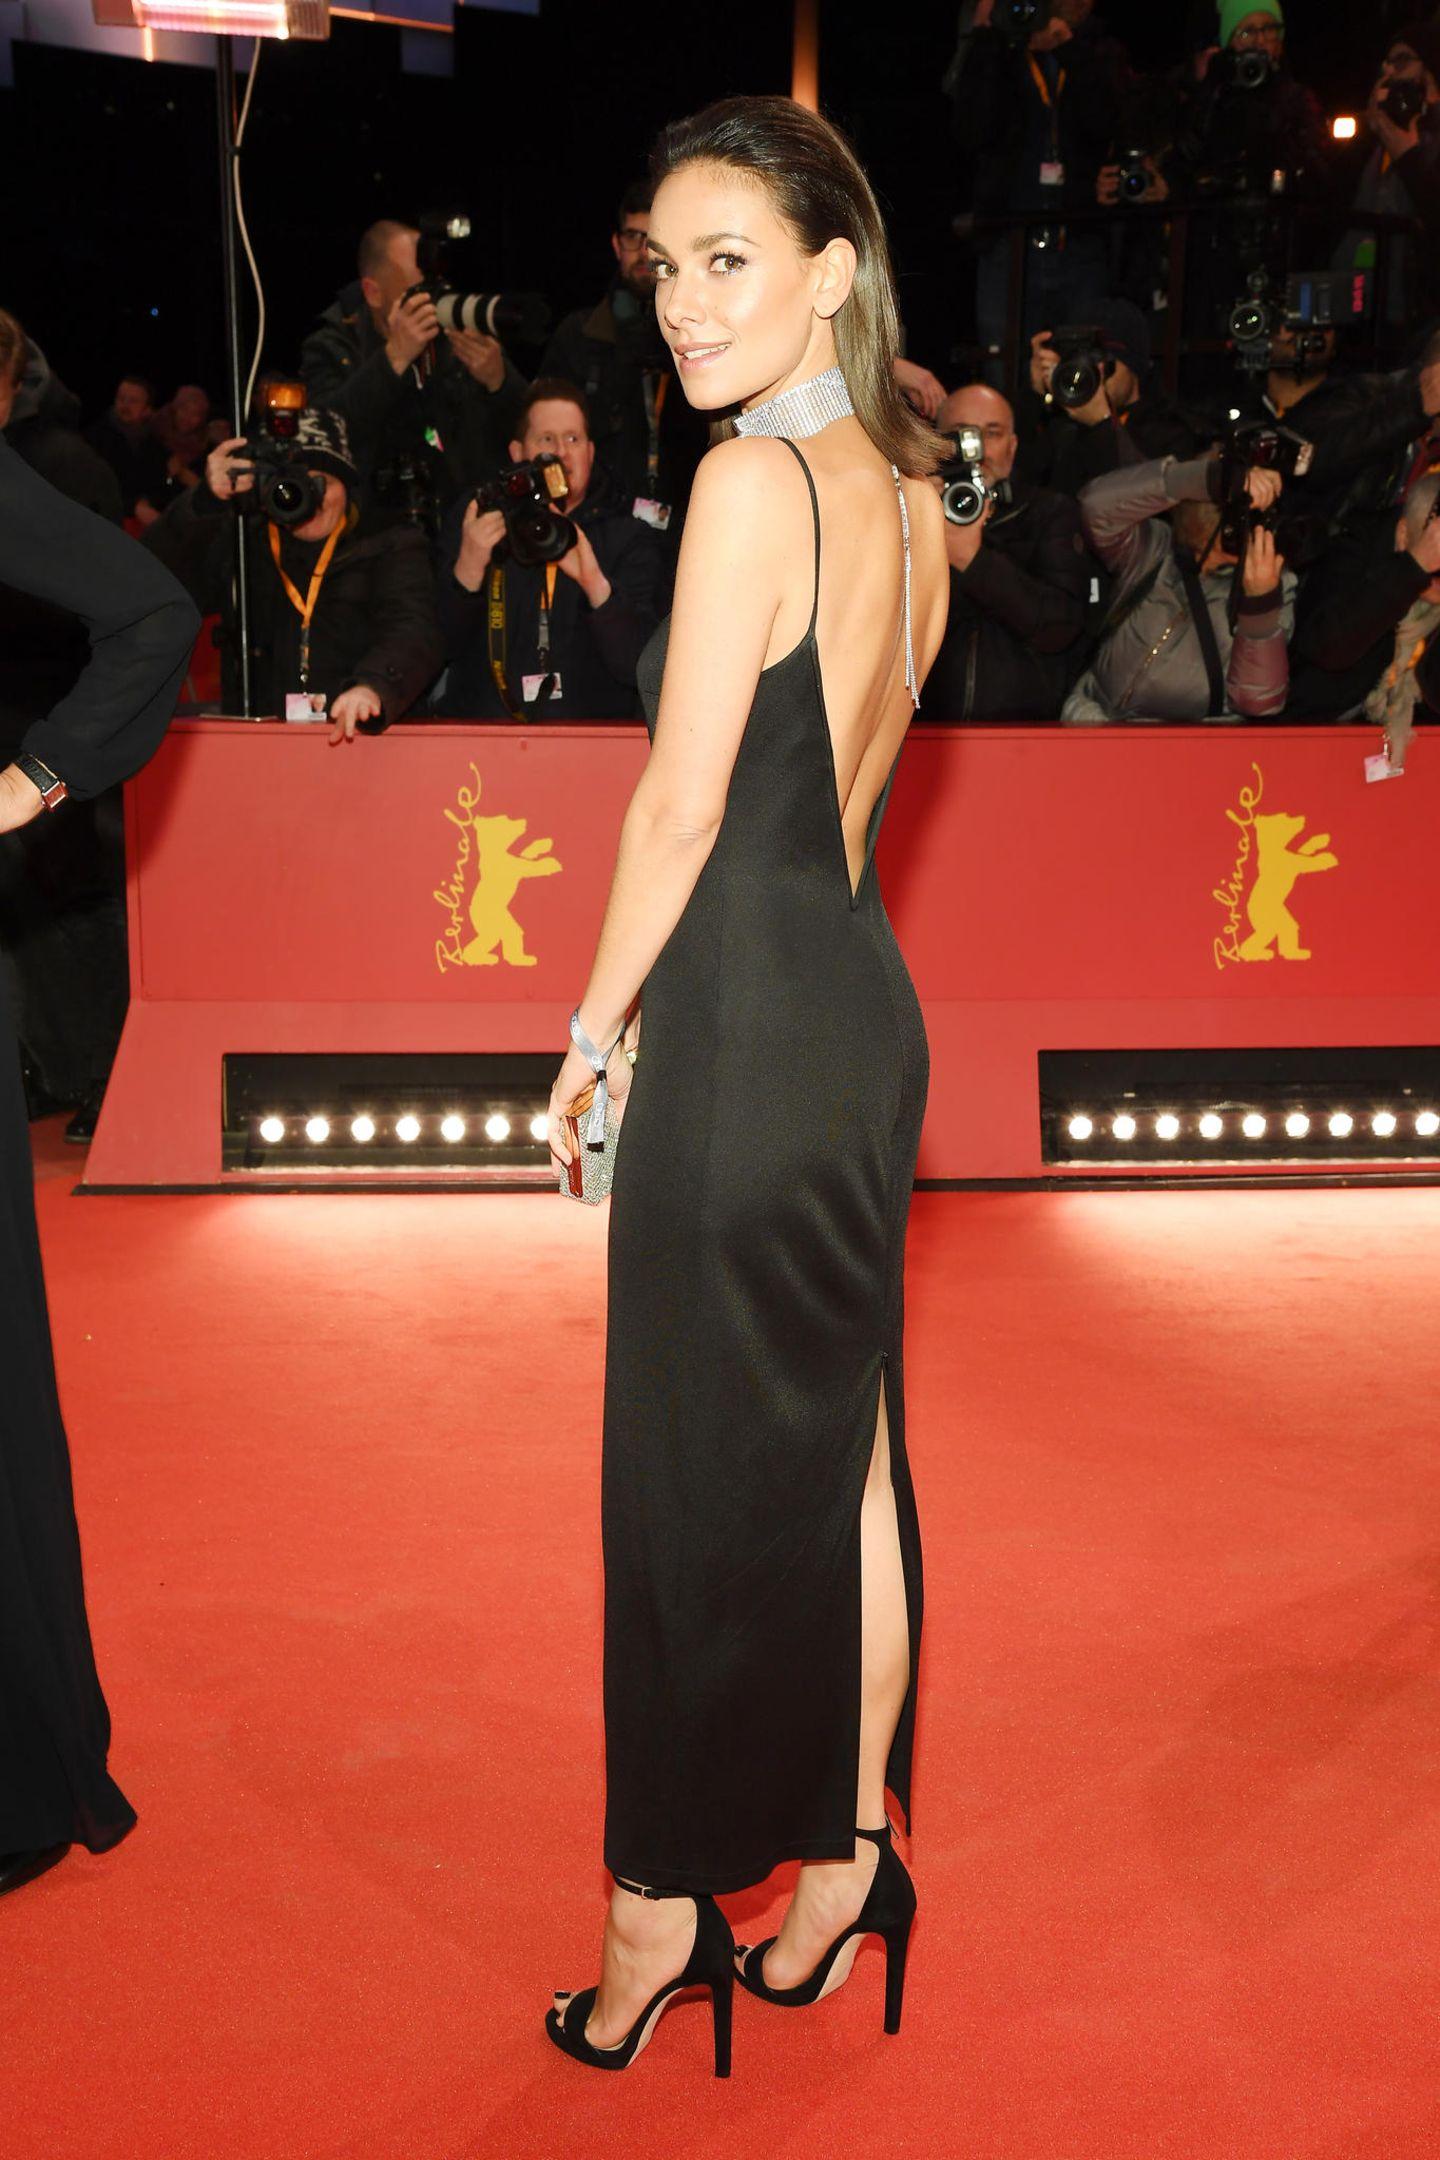 In einem schwarzen, schlichten Slip-on-Dress beweist Janina Uhse ihr großartiges Gespür für Mode. Den passendenGlam-Faktor erhält das Outfit der hübschen Schauspielerin durch den opulenten Choker in Strass-Optik und den tiefen Rückenausschnitt, den sie gekonnt einzusetzen weiß.